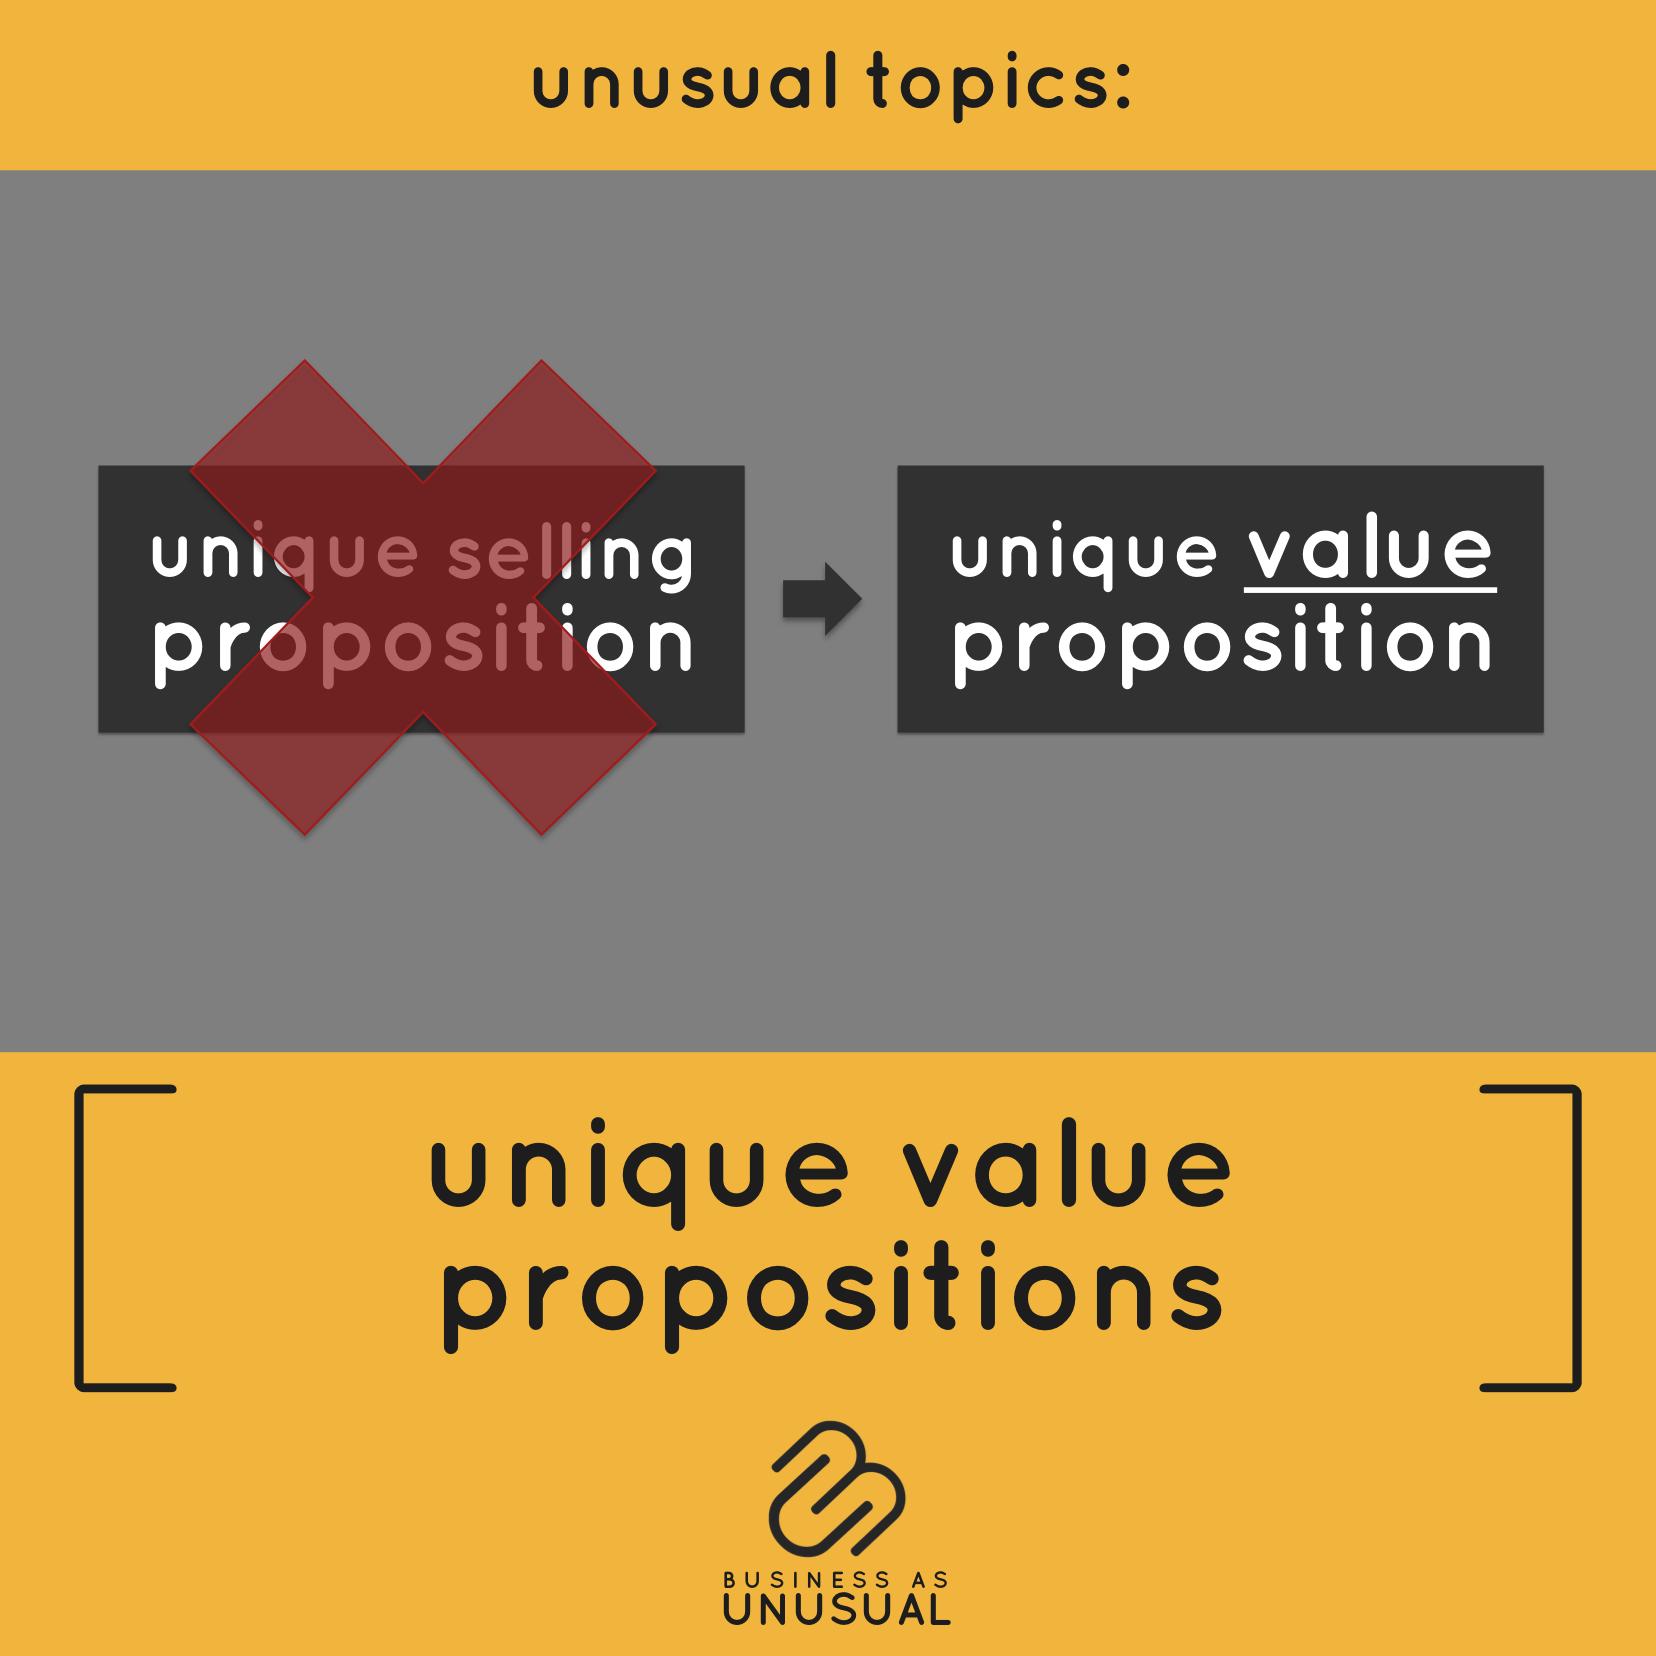 Unique Value Propositions